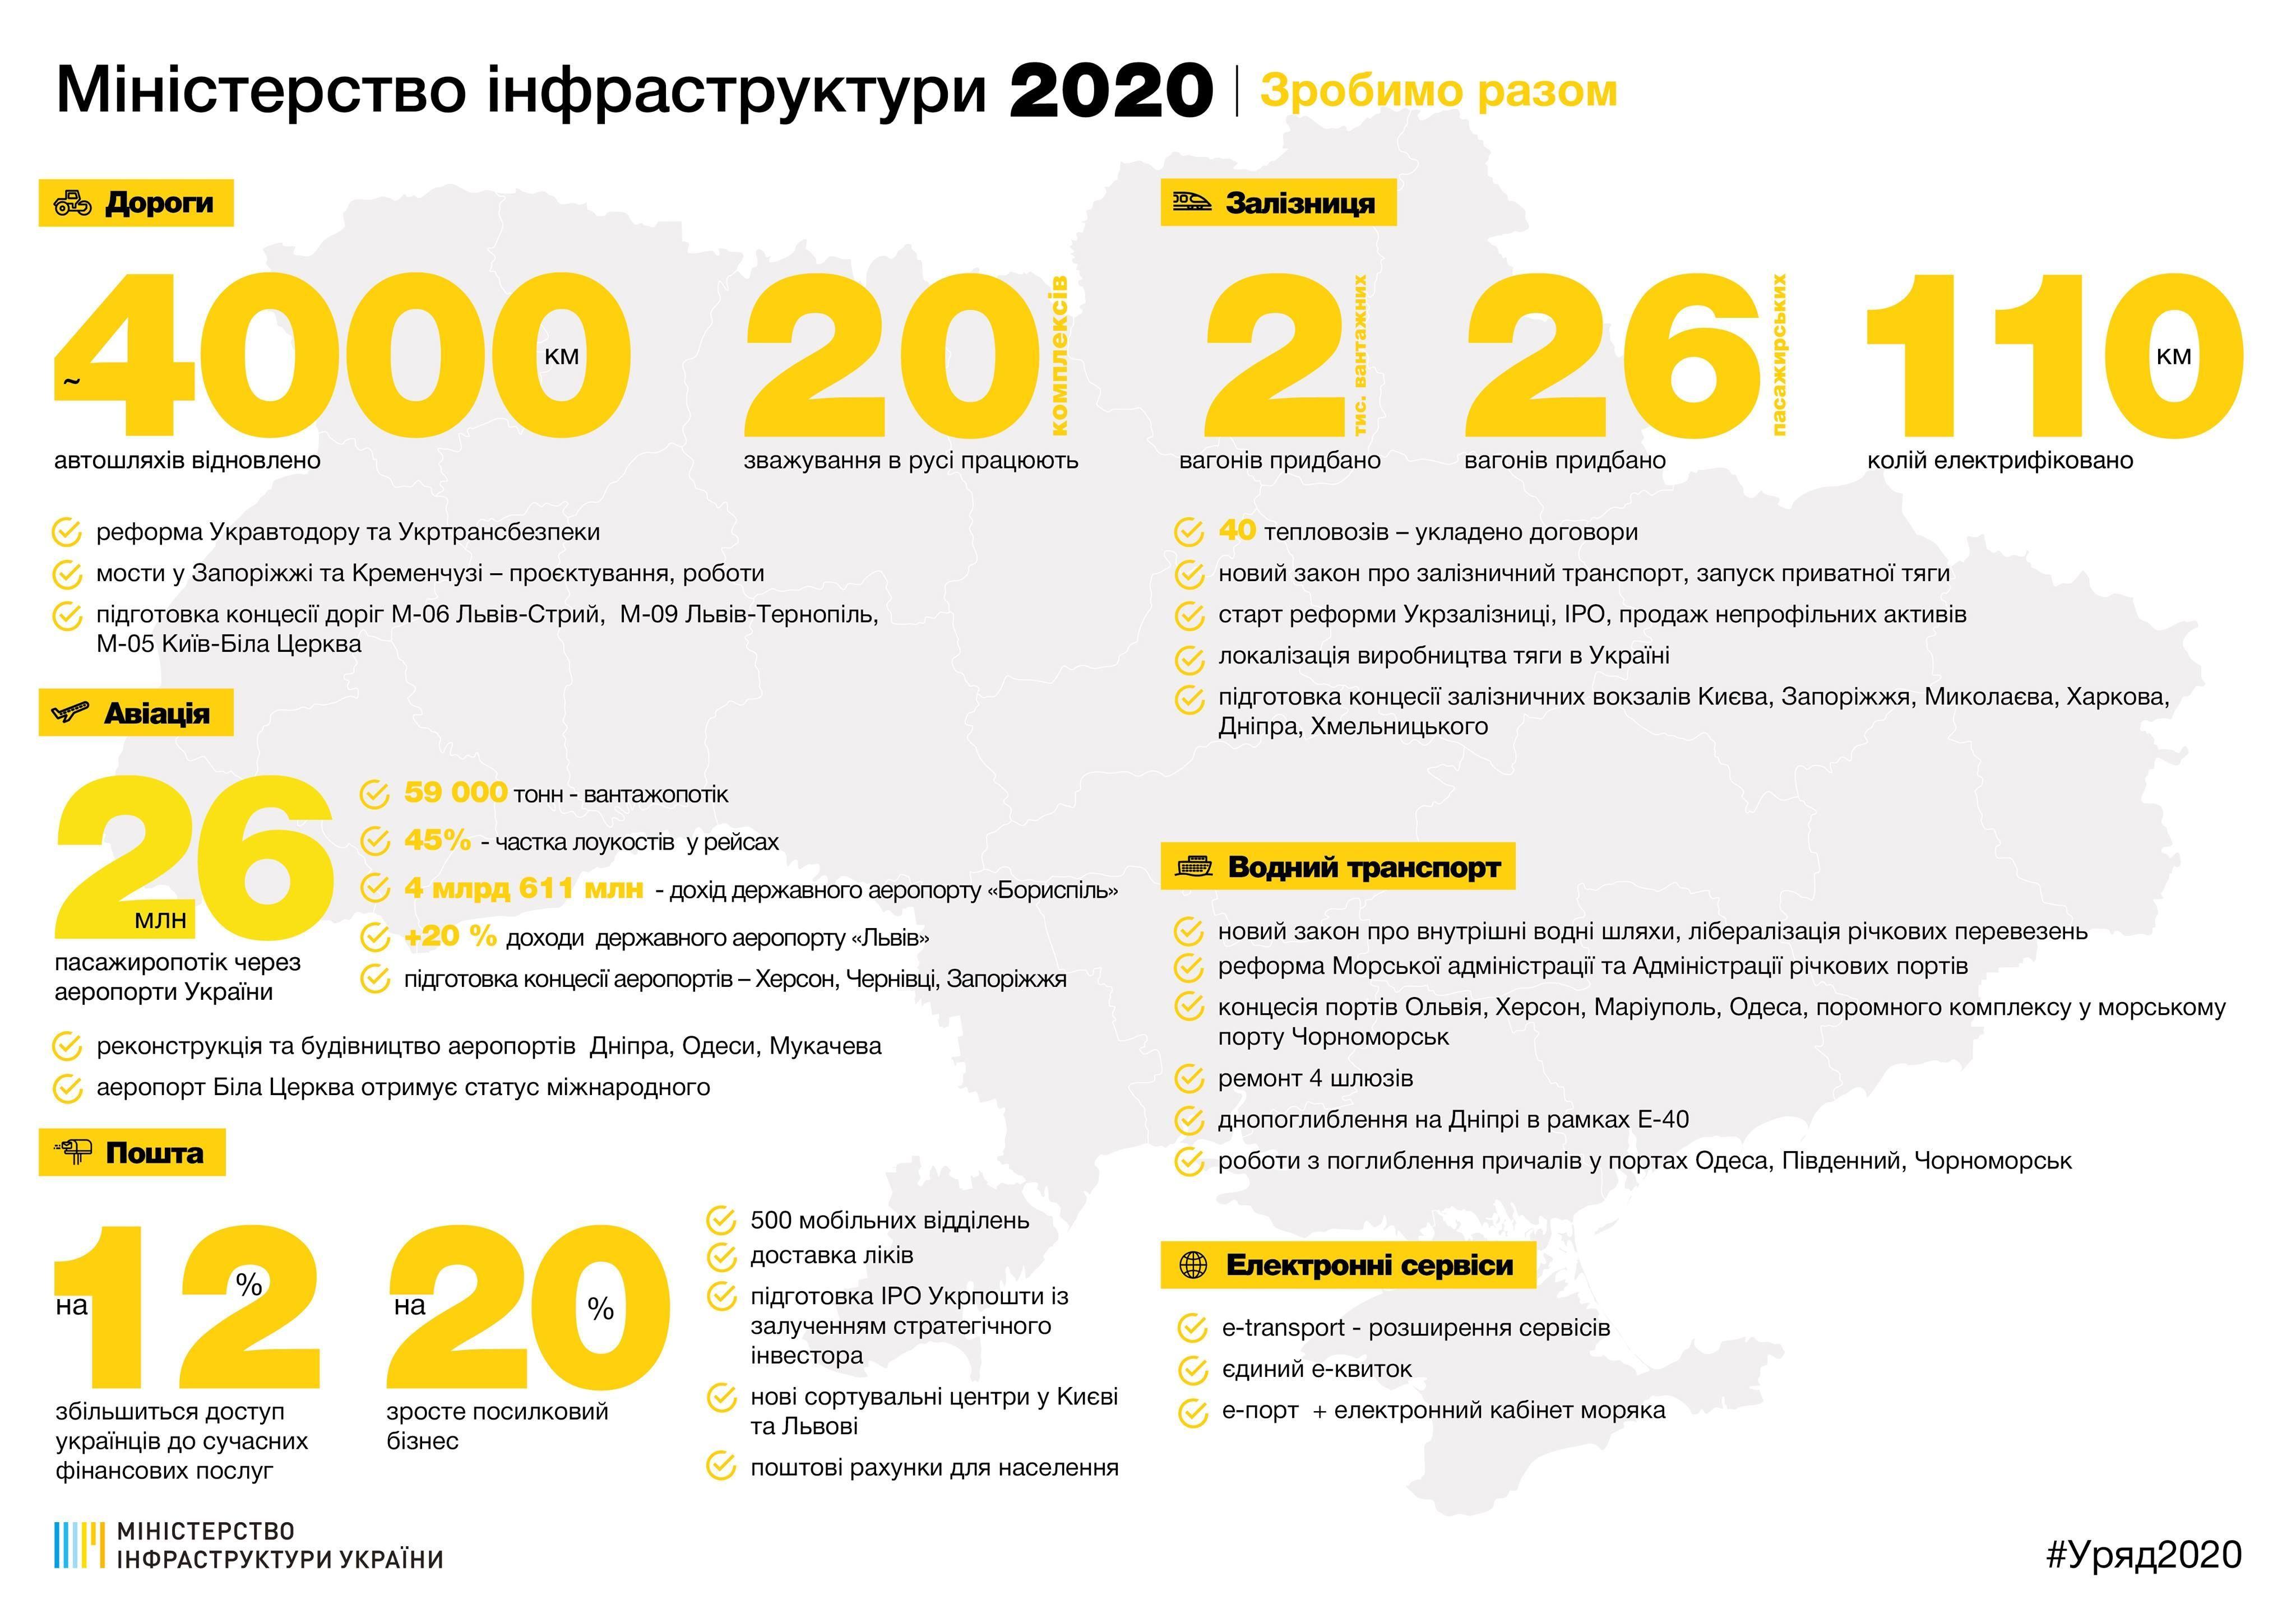 Результати роботи за 2019 рік